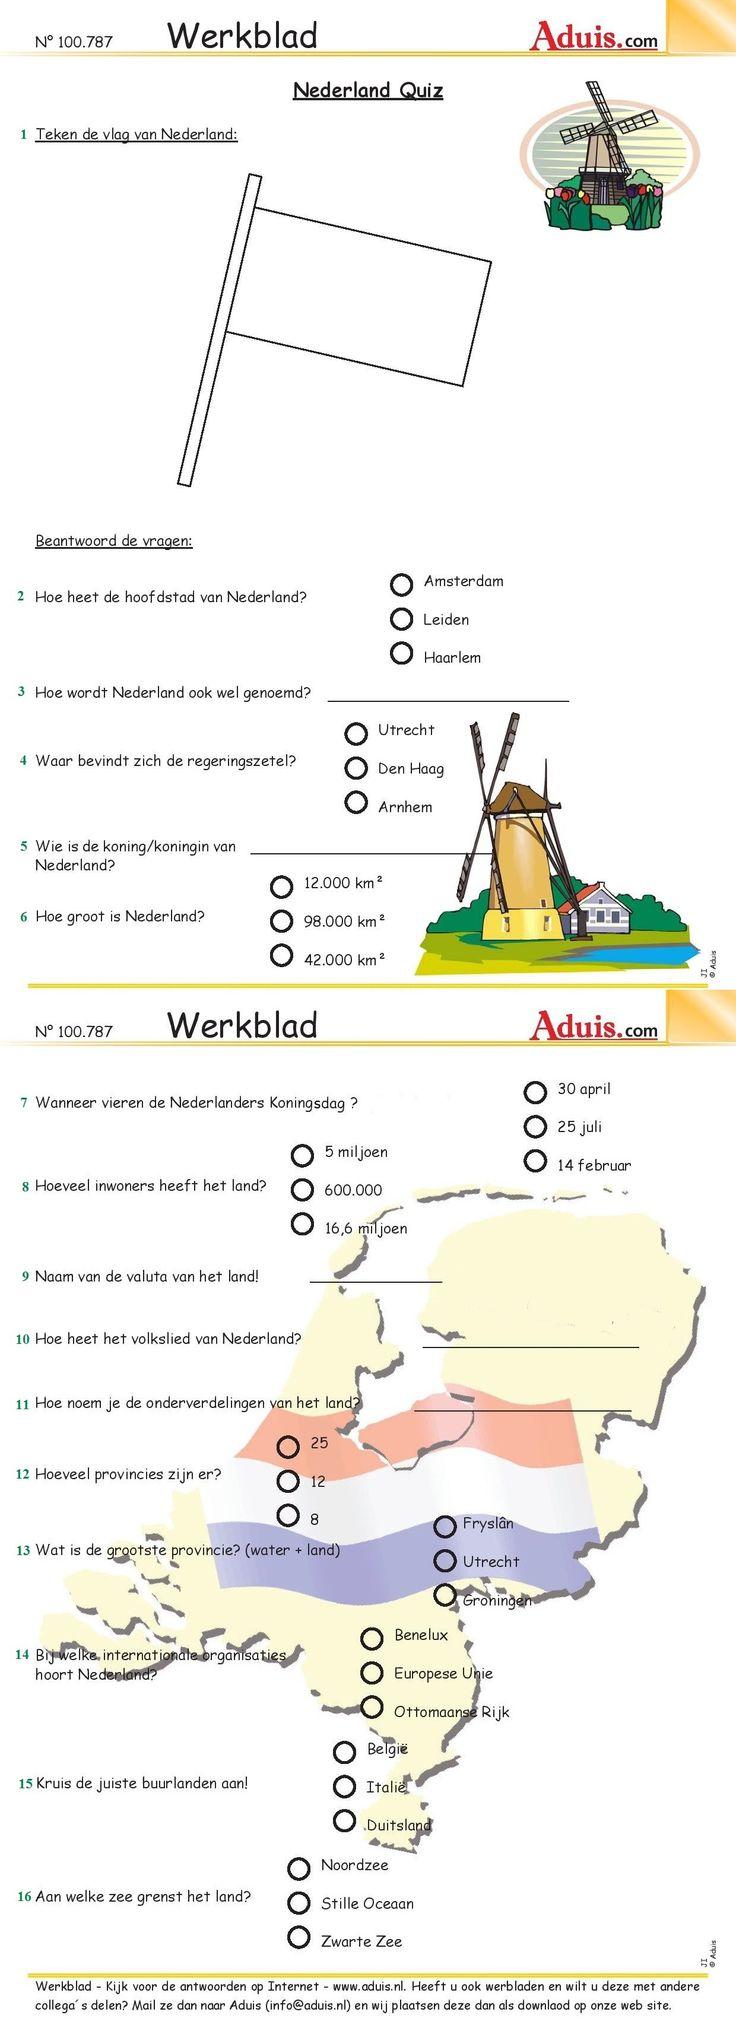 Werkblad : Nederland Quiz, Aduis